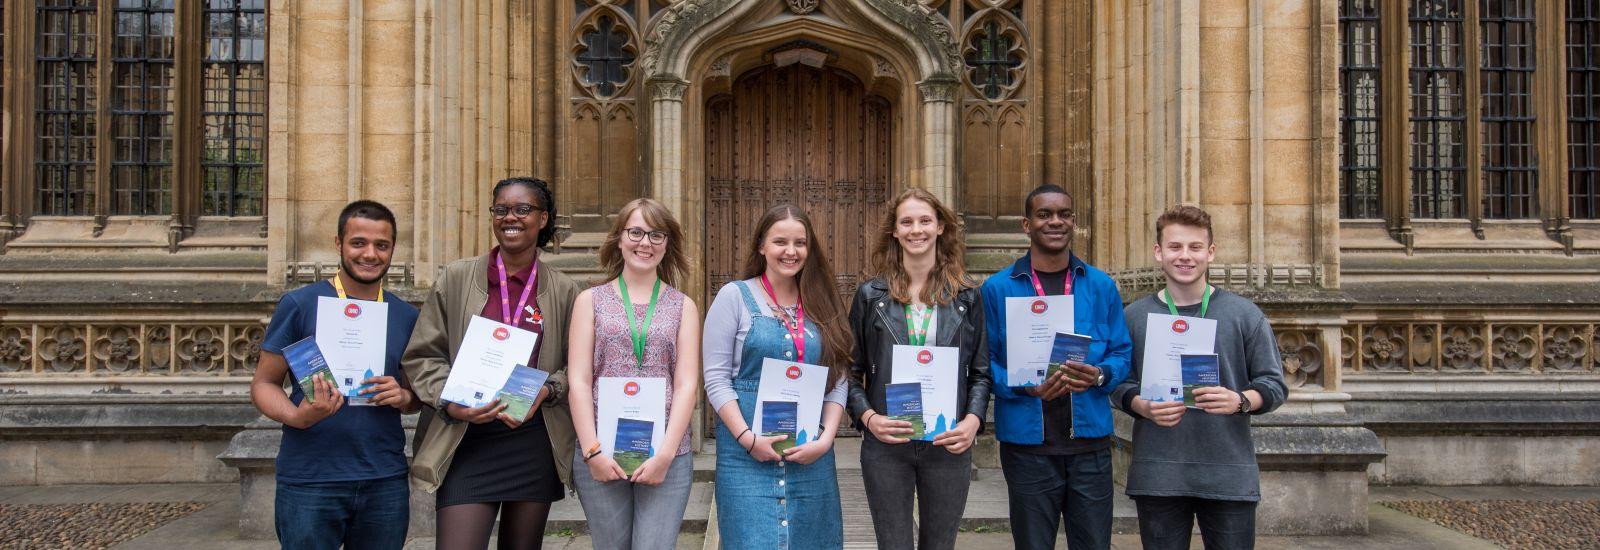 UNIQ students 2018